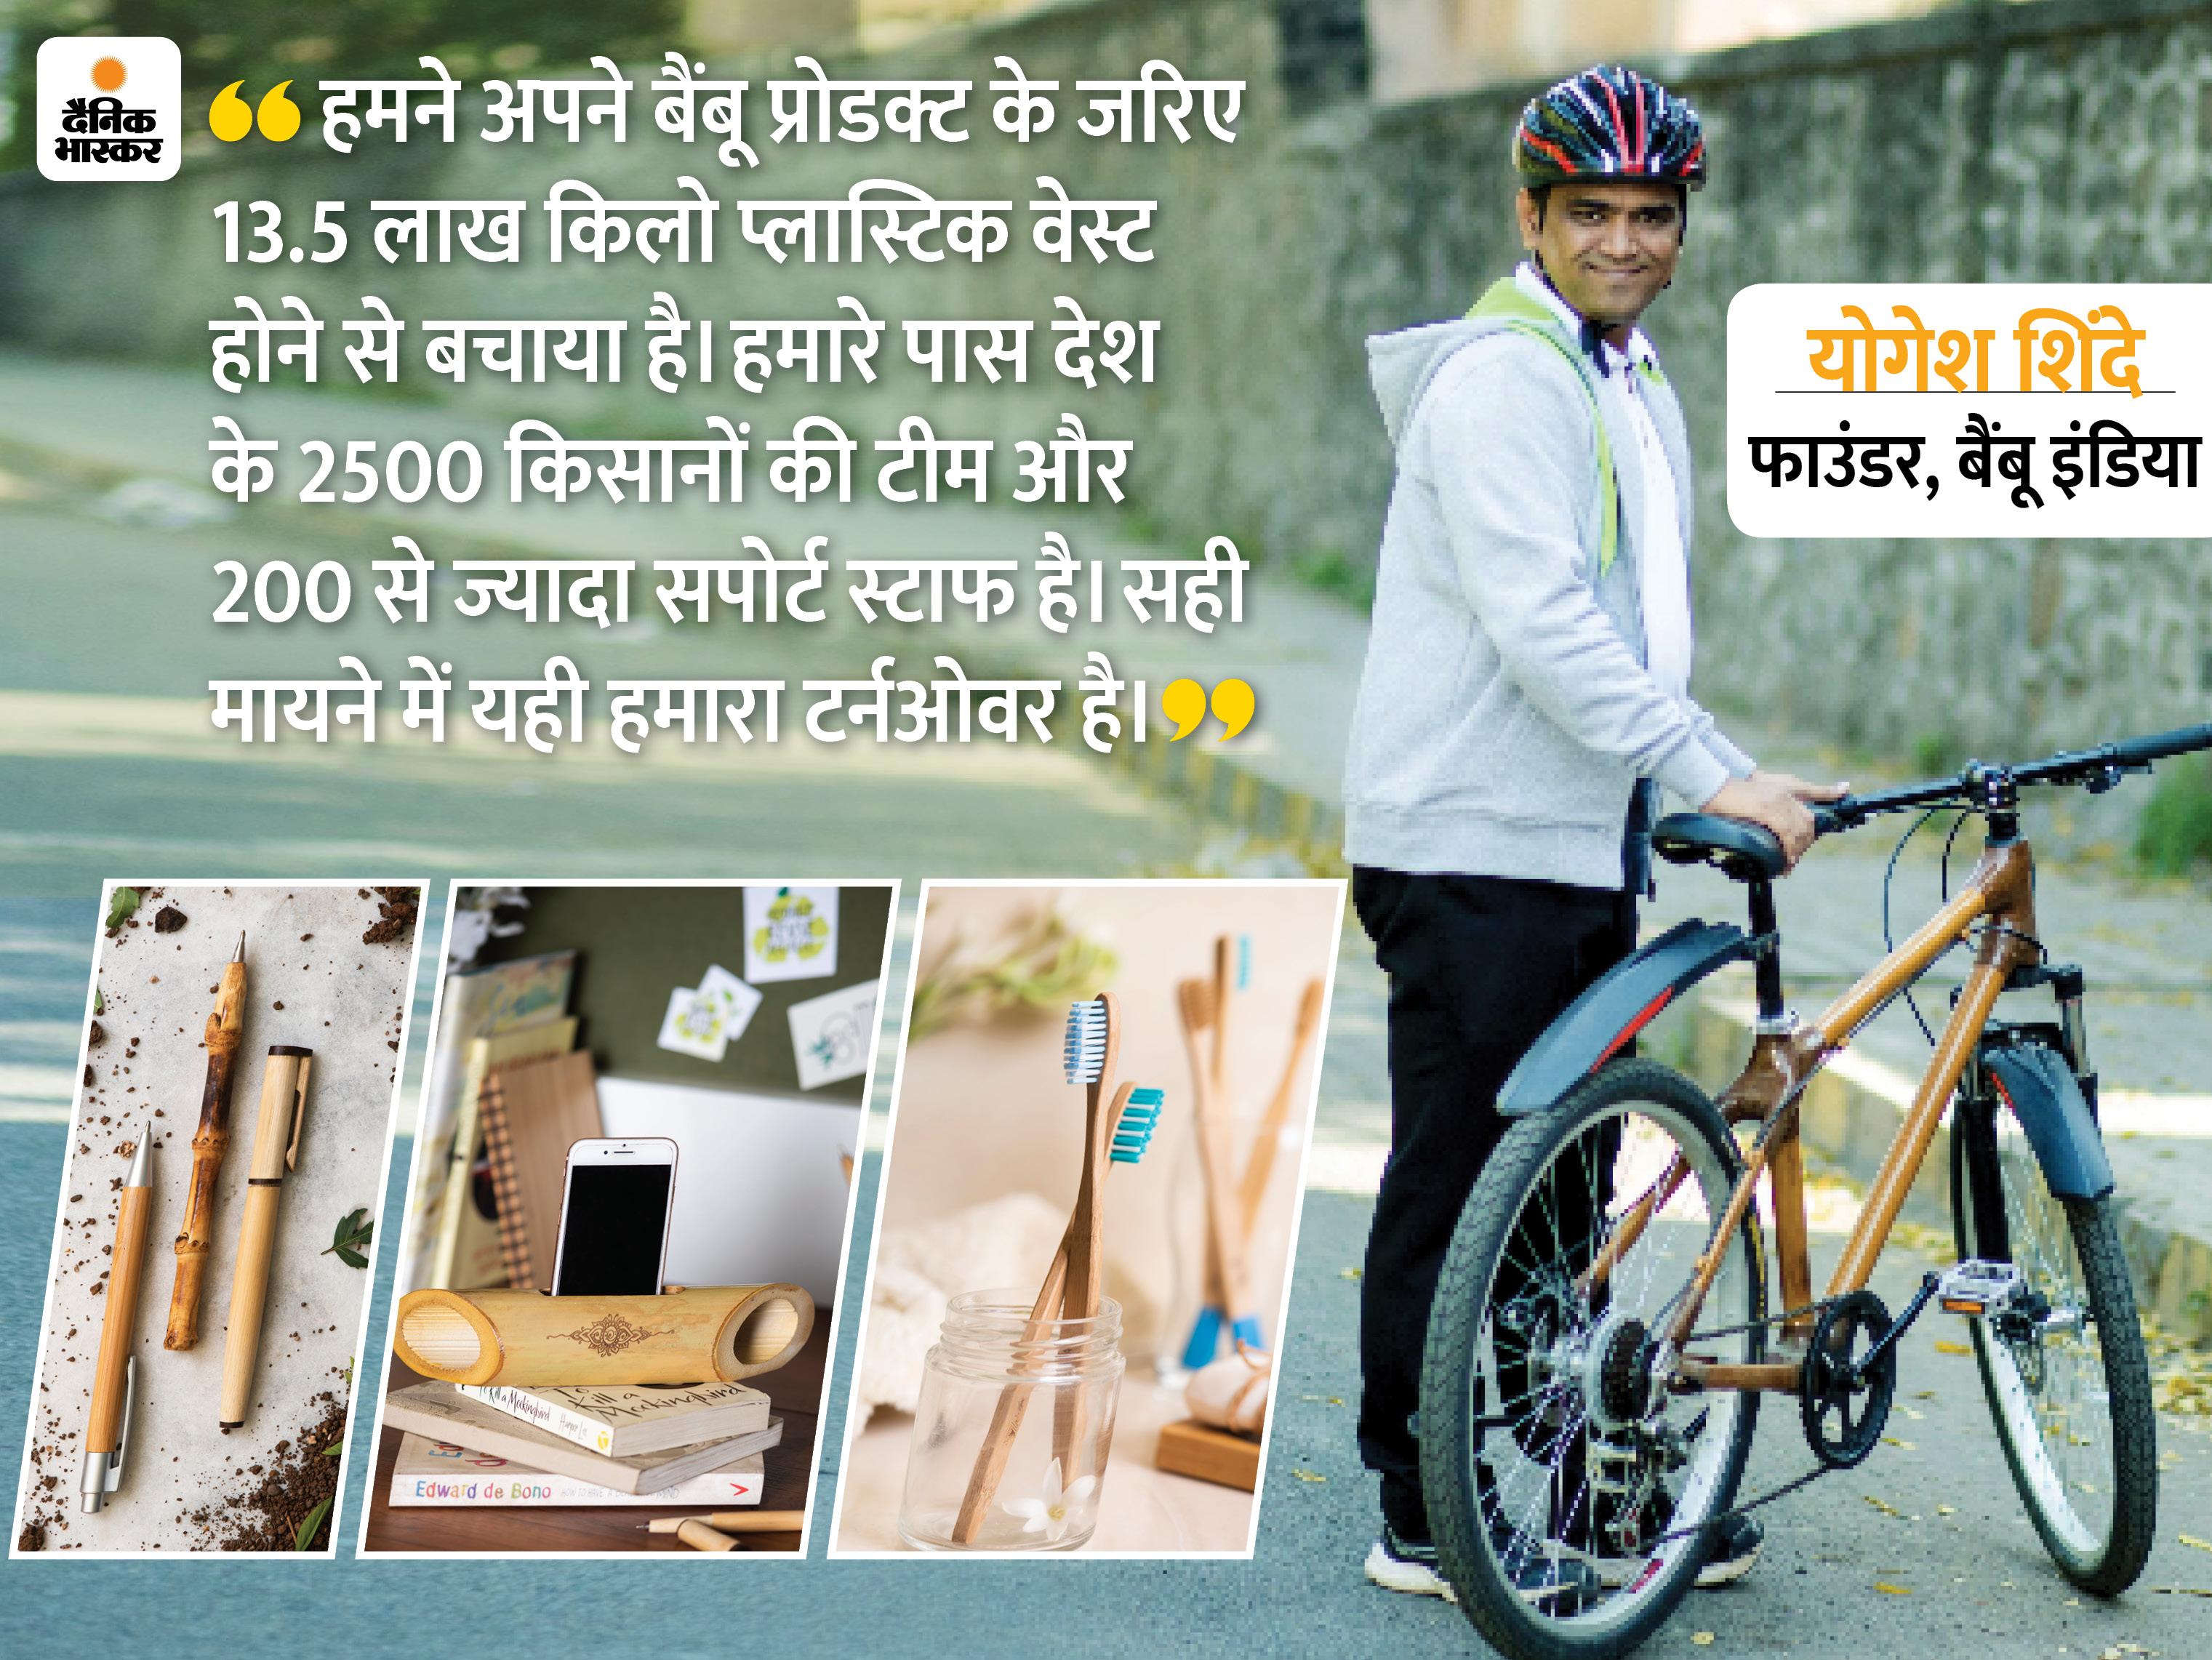 नौकरी छोड़ शुरू किया बैंबू इंडिया स्टार्टअप ताकि प्लास्टिक का यूज कम हो, 3 साल में 3.8 करोड़ पहुंचा टर्नओवर|DB ओरिजिनल,DB Original - Dainik Bhaskar